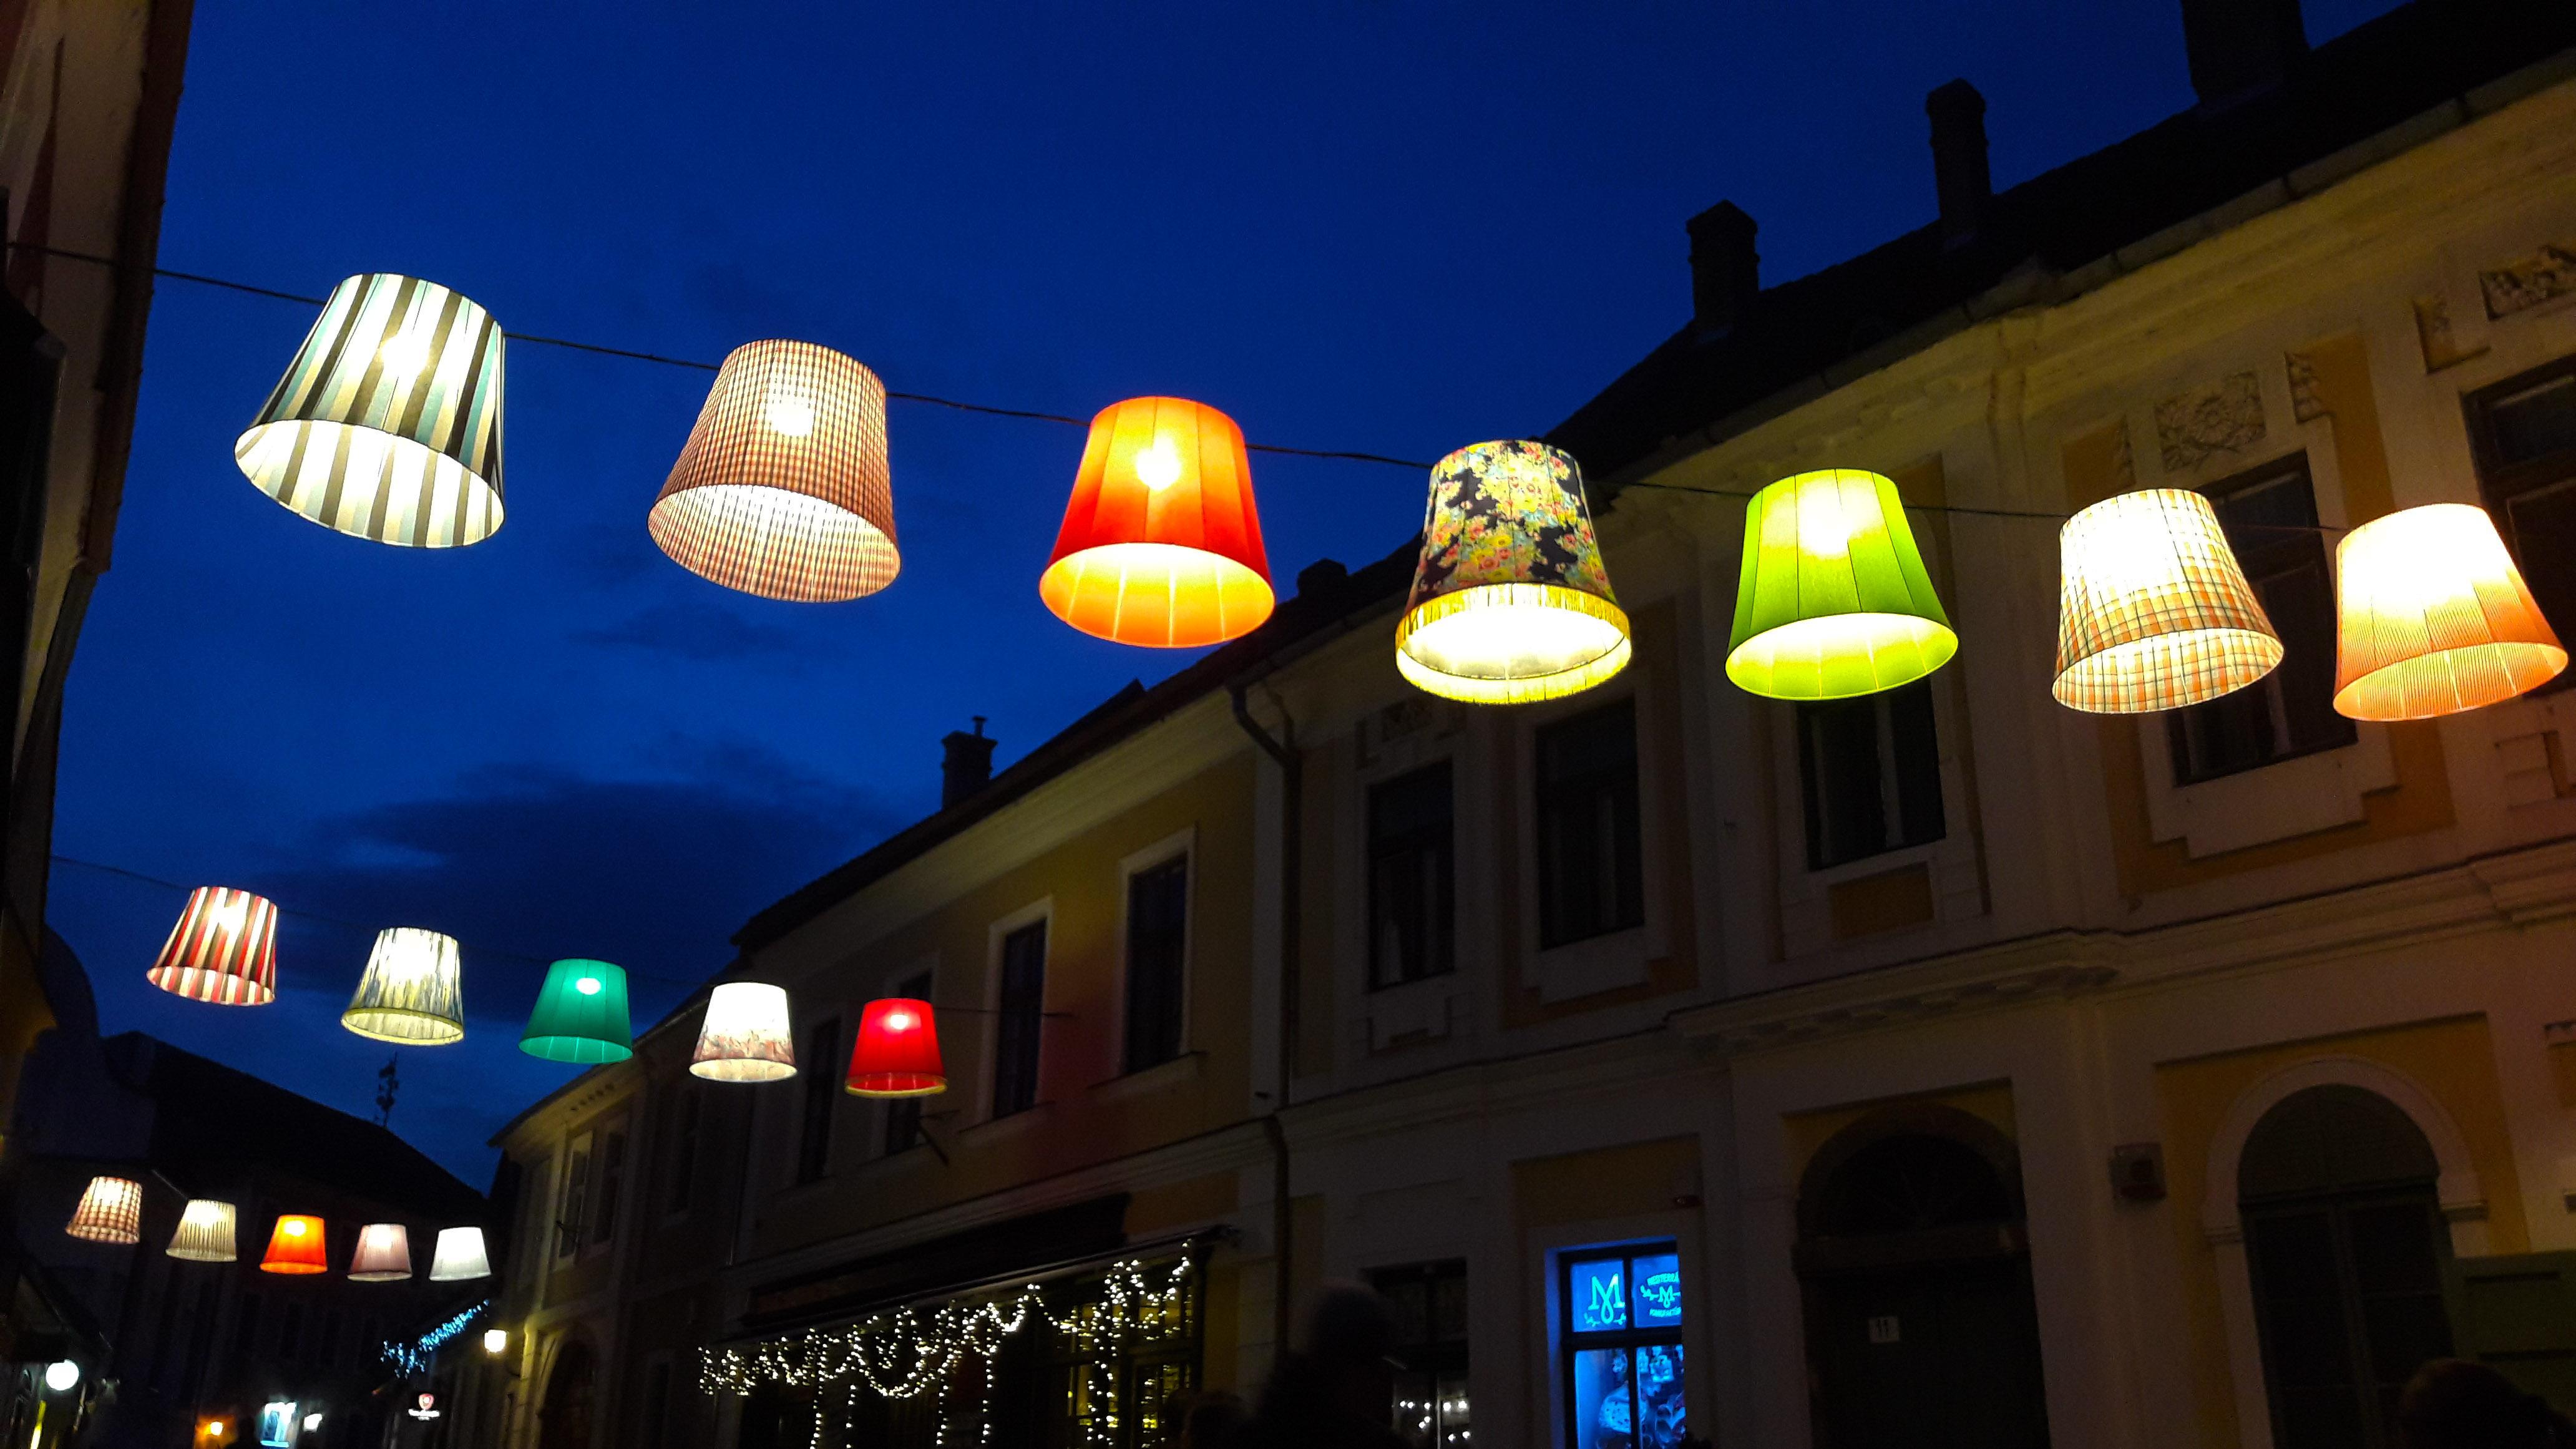 Lampen En Licht : Slamp erstrahlt mit ausgefallenen lampen proudmag